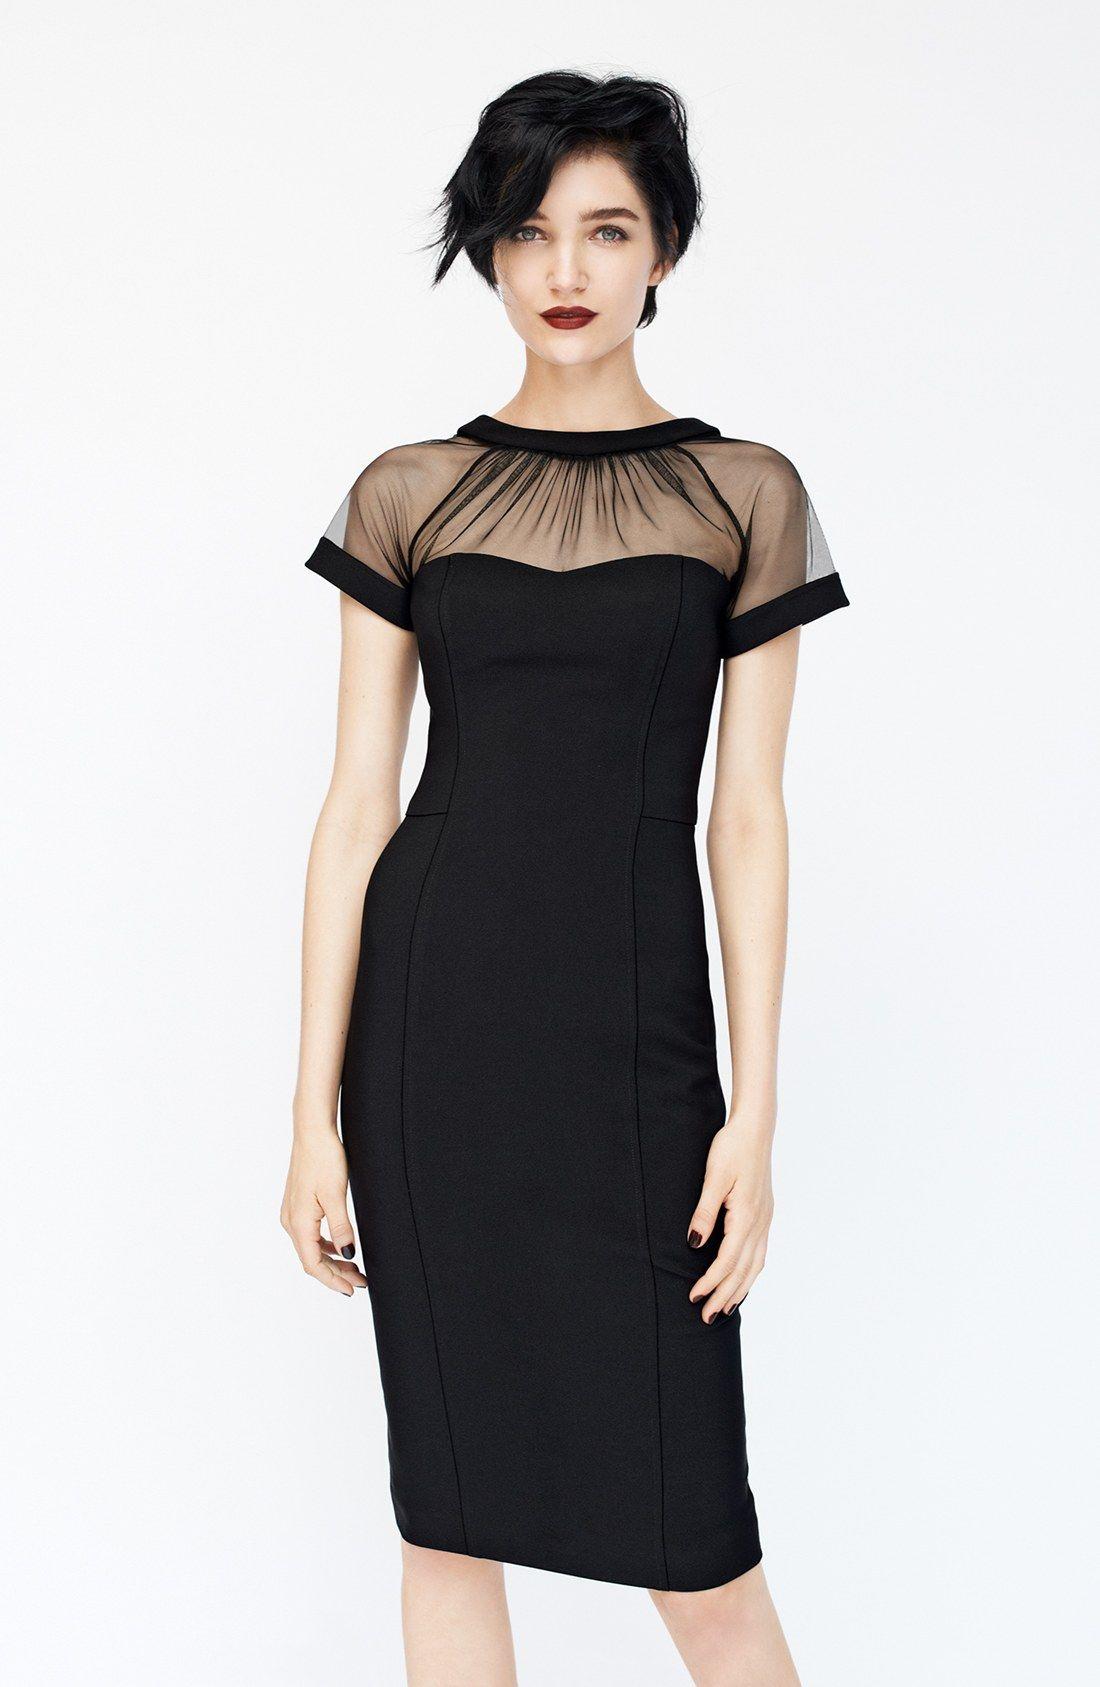 Evening dress nordstrom 0349 | Best dress ideas | Pinterest ...